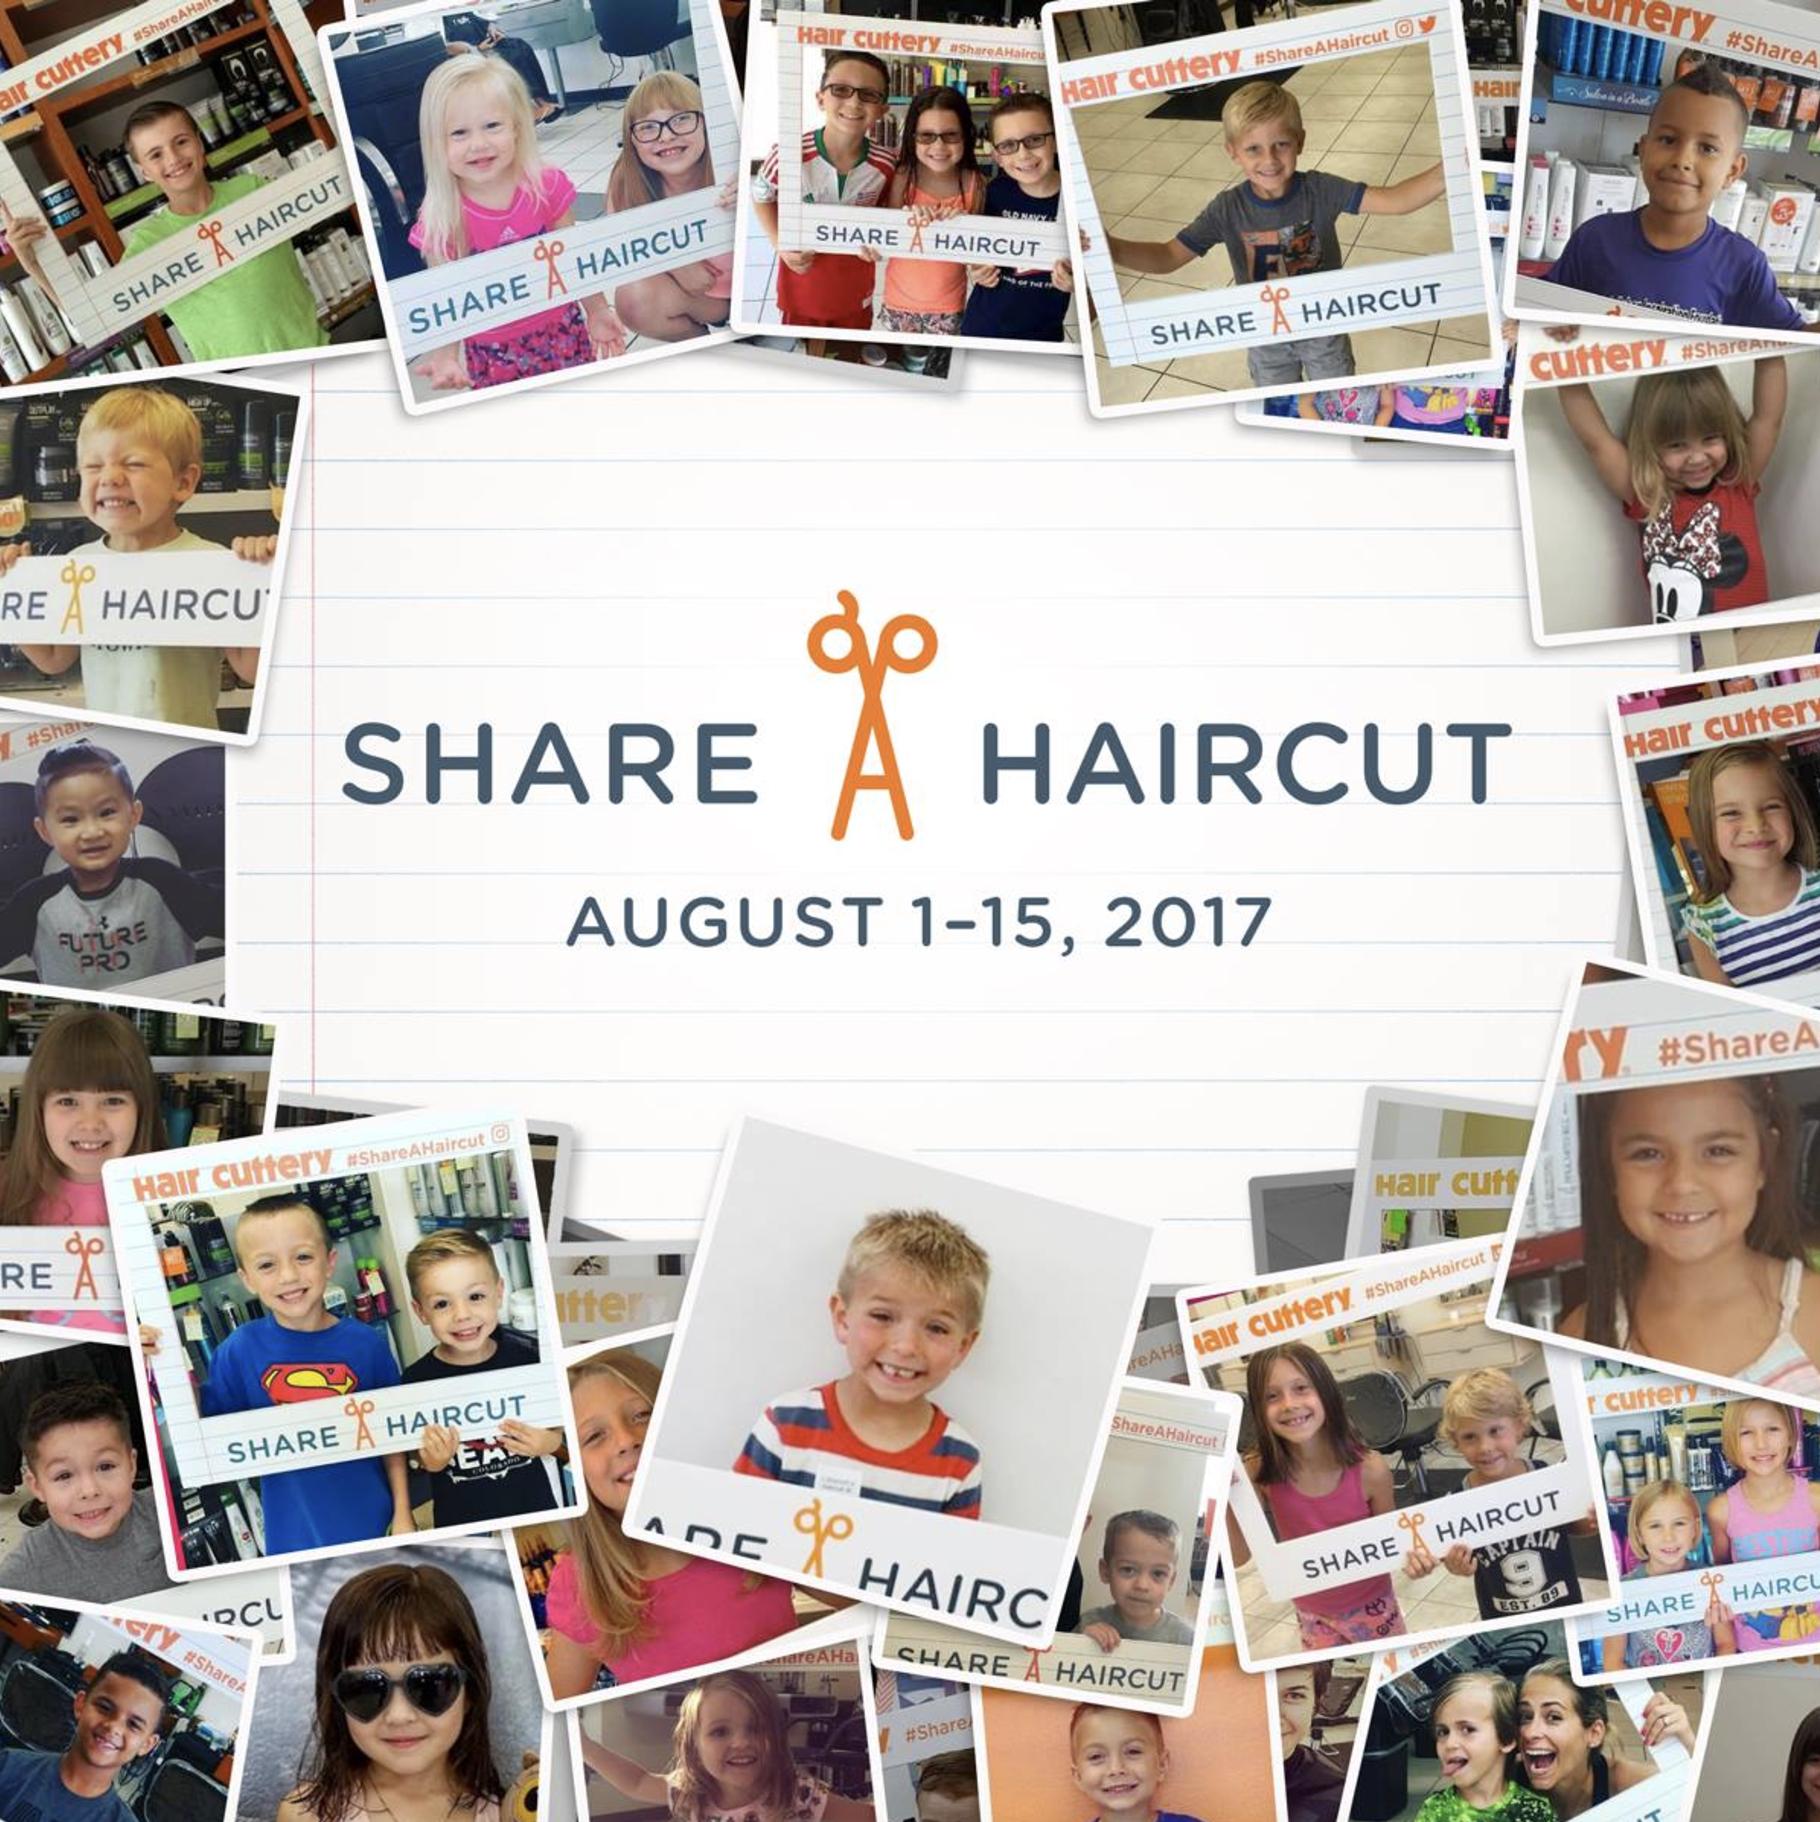 Share A Haircut 2017 by Hair Cuttery